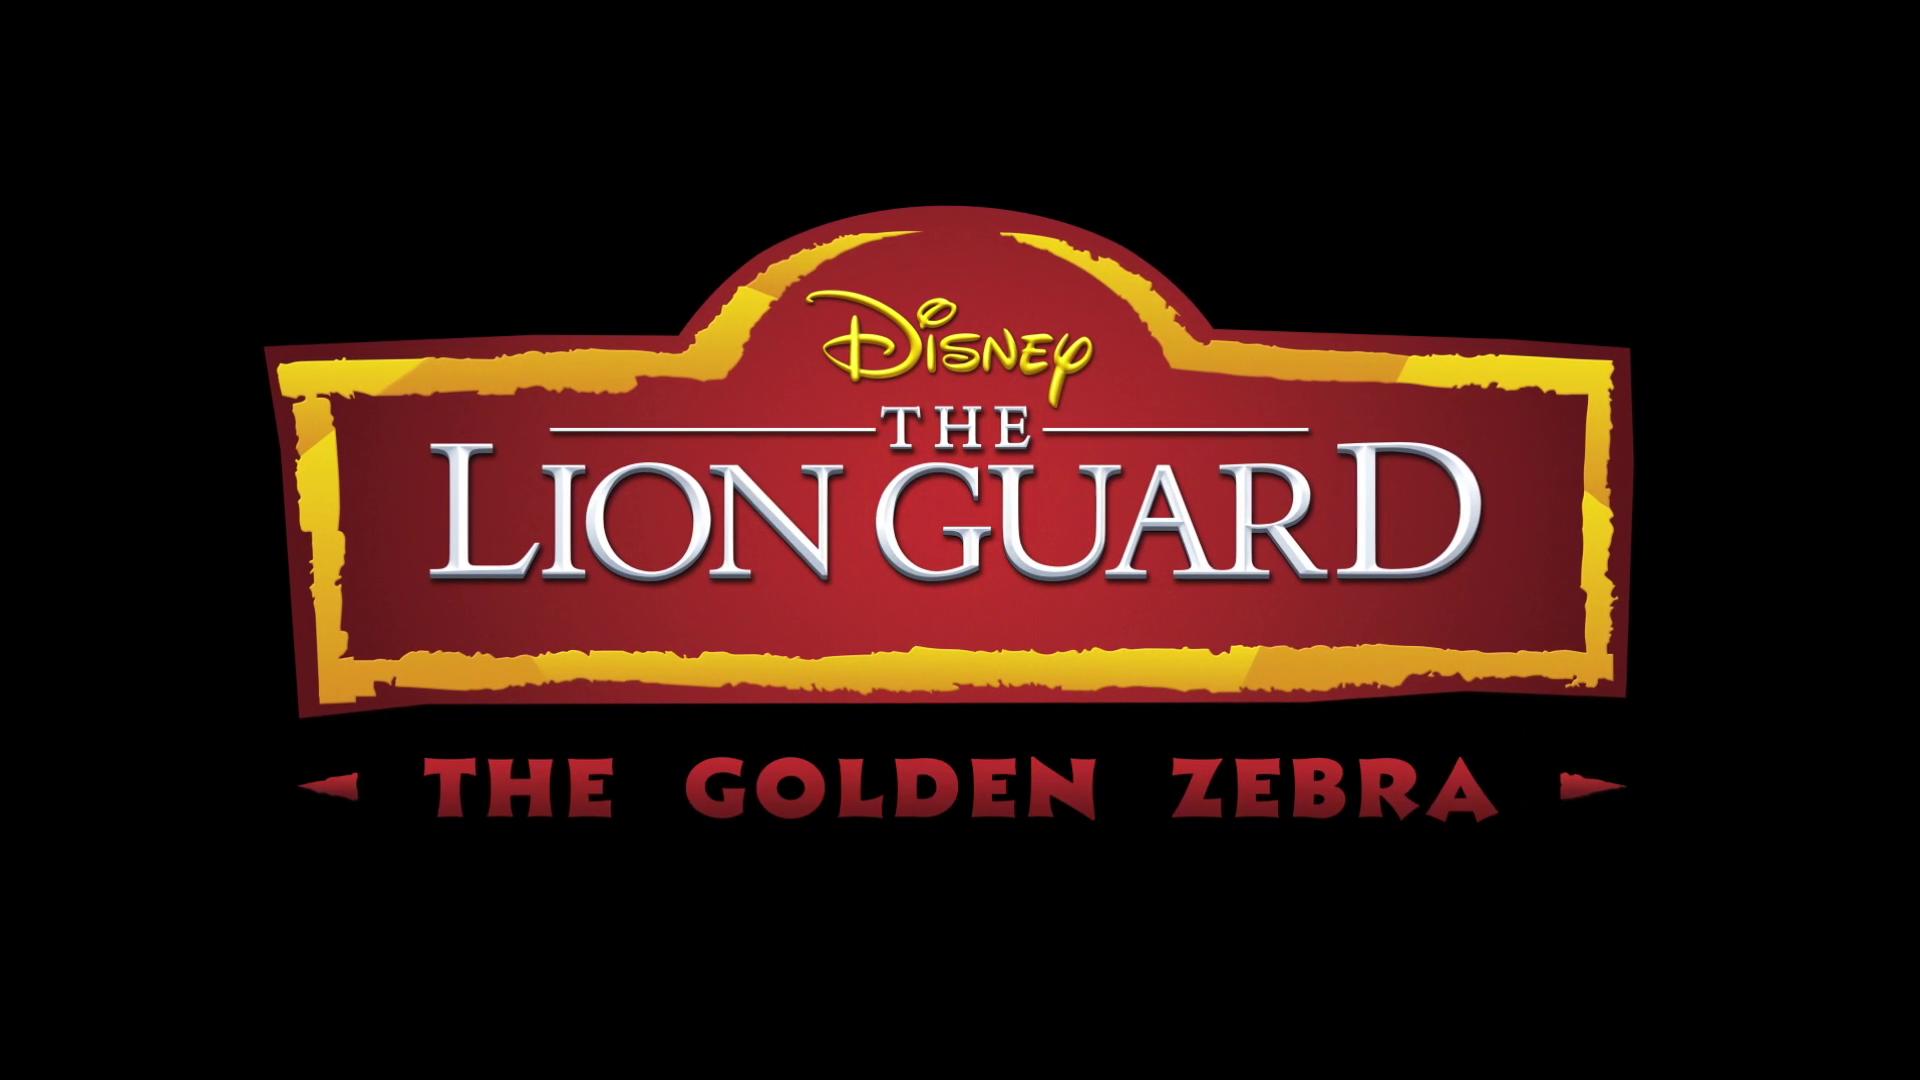 The Golden Zebra